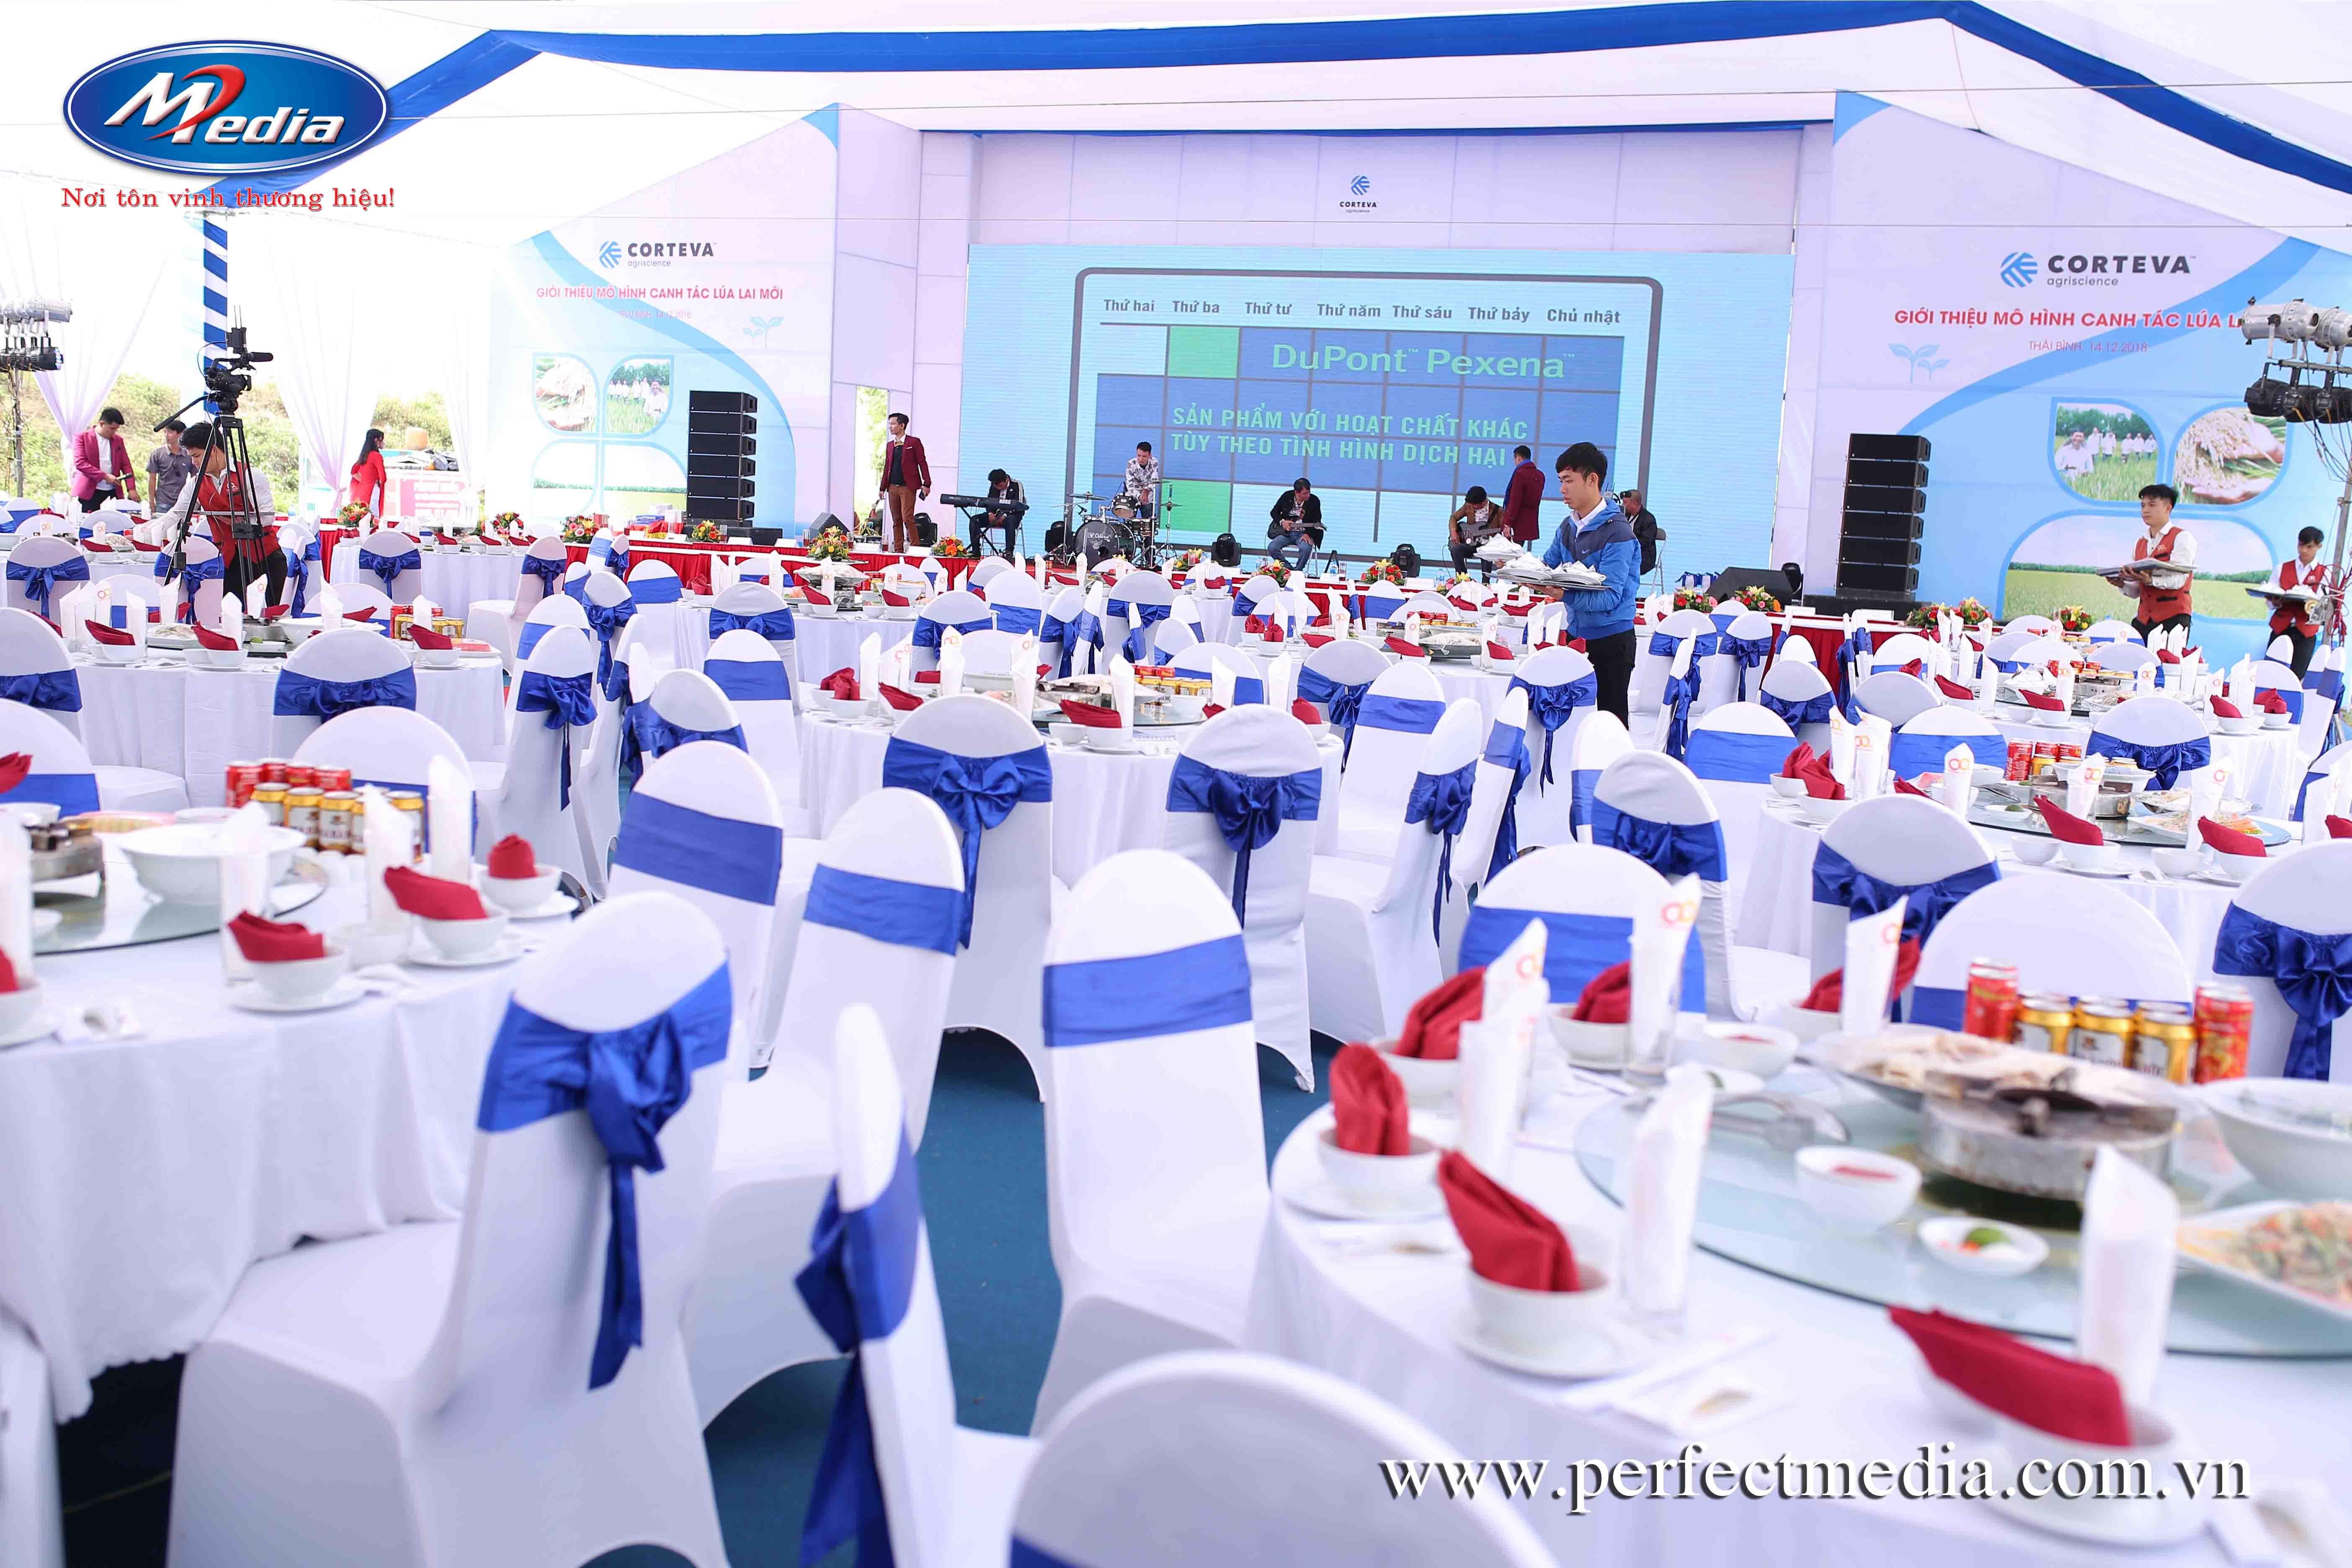 Công ty tổ chức lễ ra mắt, giới thiệu sản phẩm chuyên nghiệp tại Hải Phòng Perfect Media